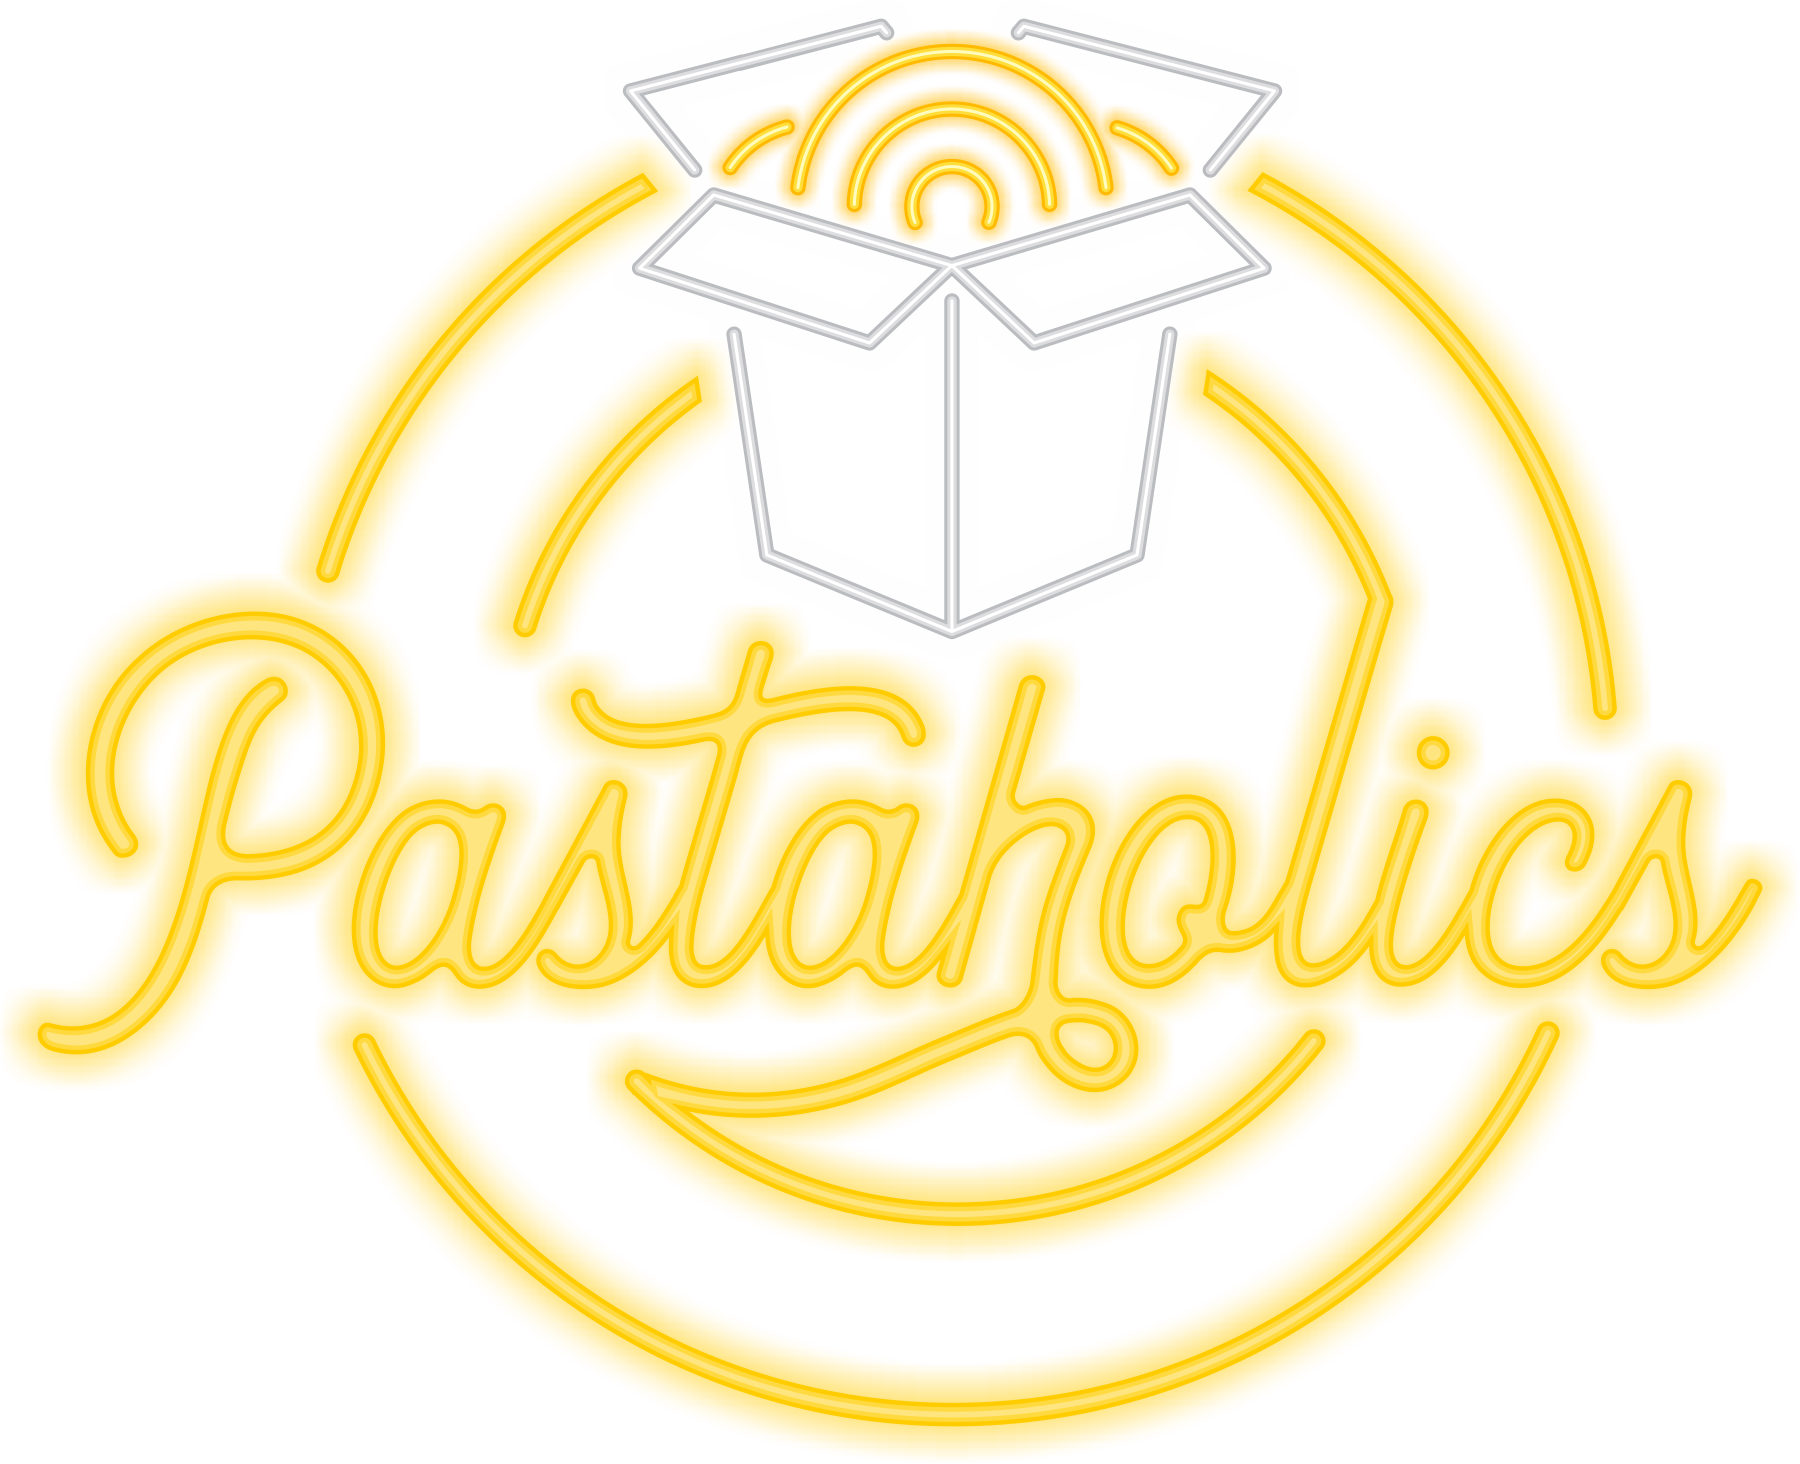 Pastaholics logo